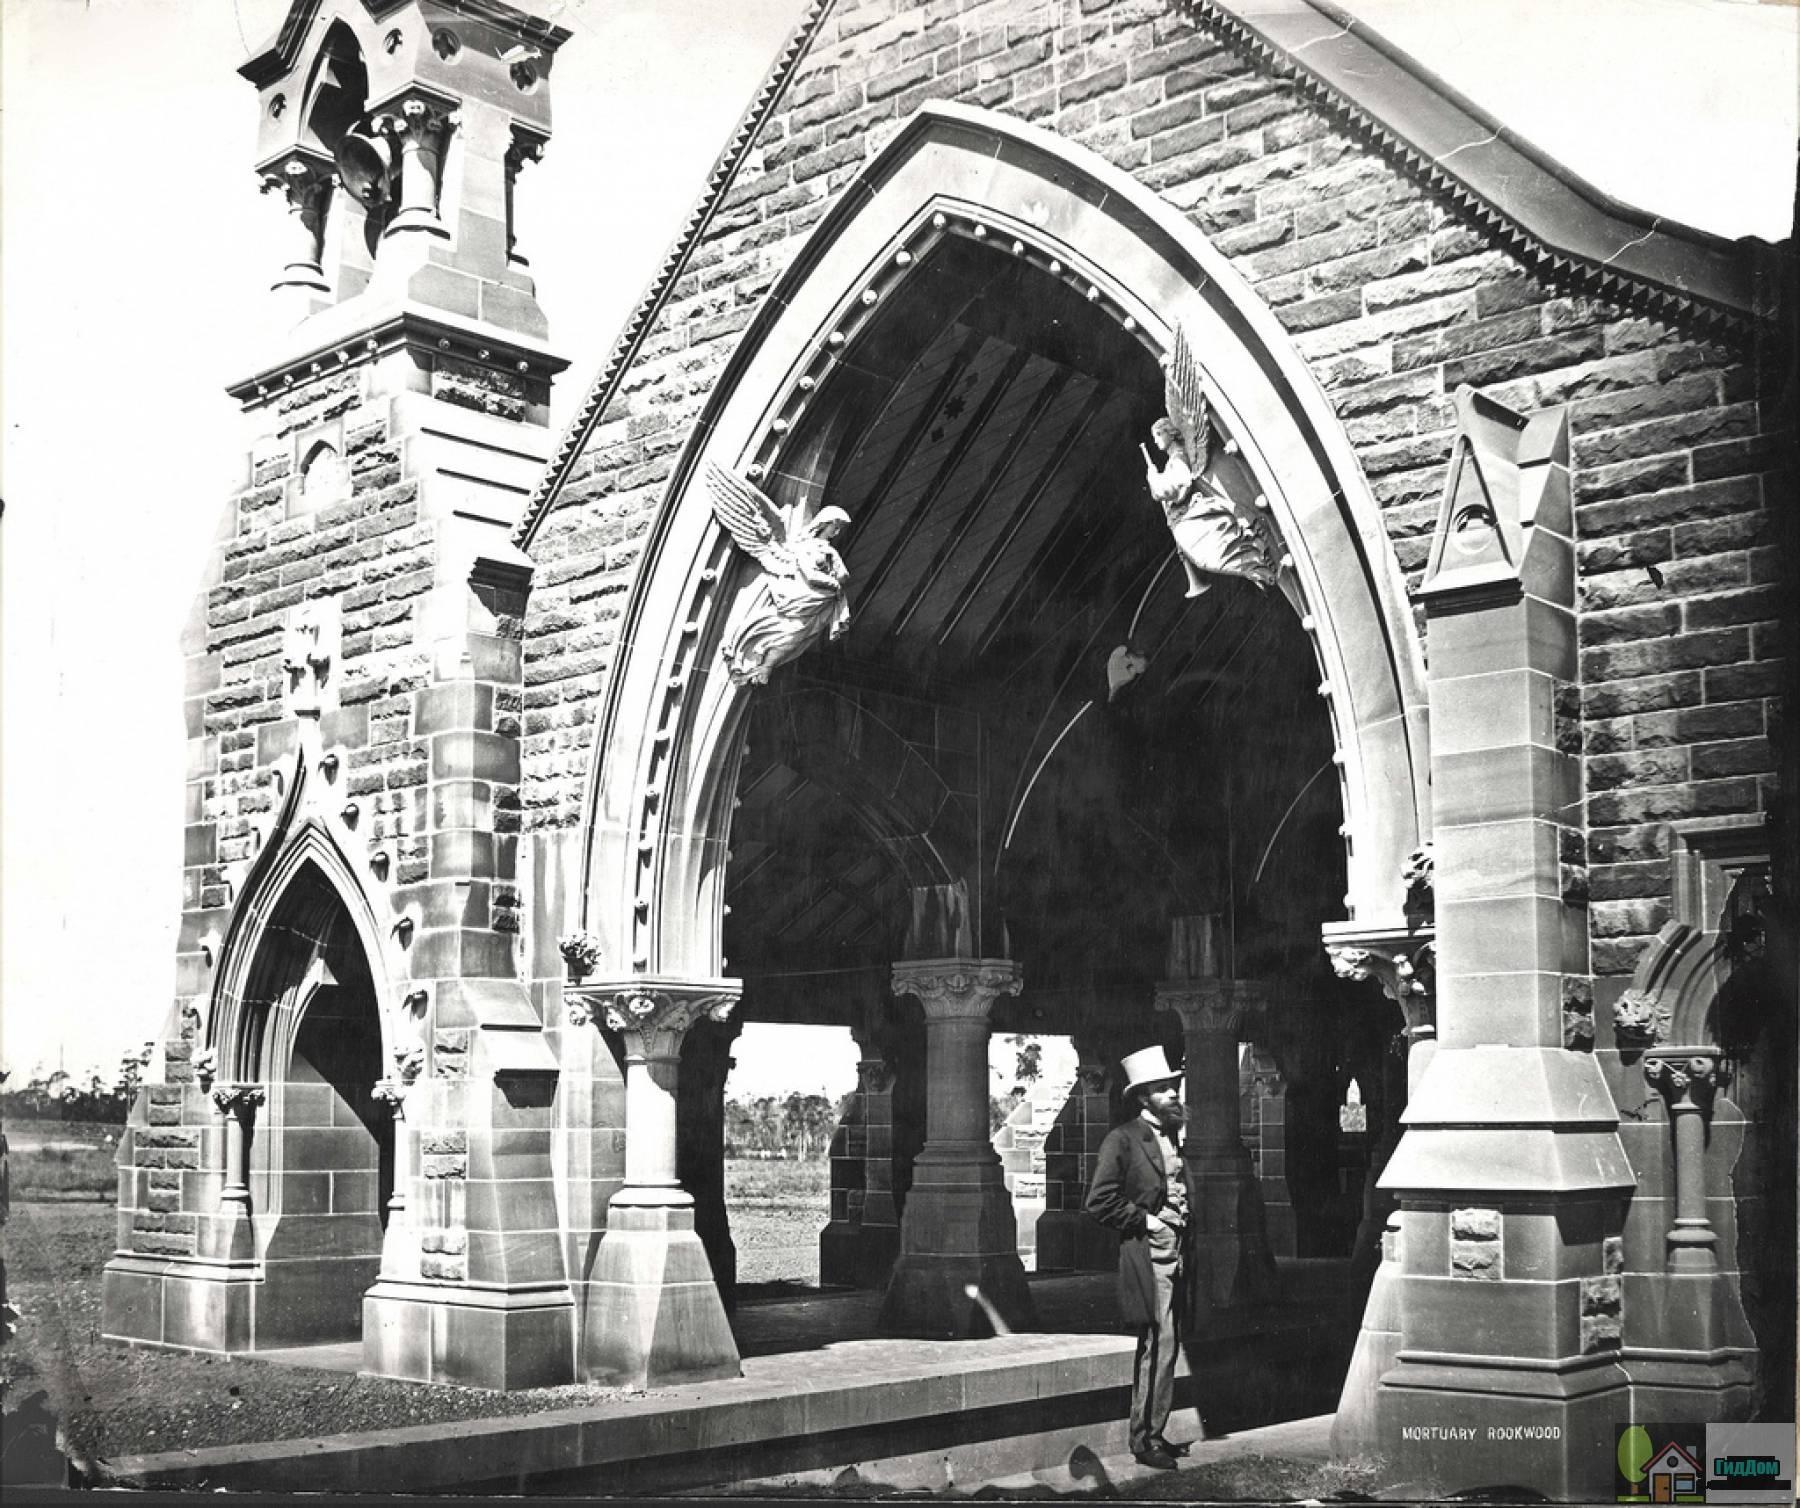 Железнодорожная станция на кладбище Руквуд в Канберре